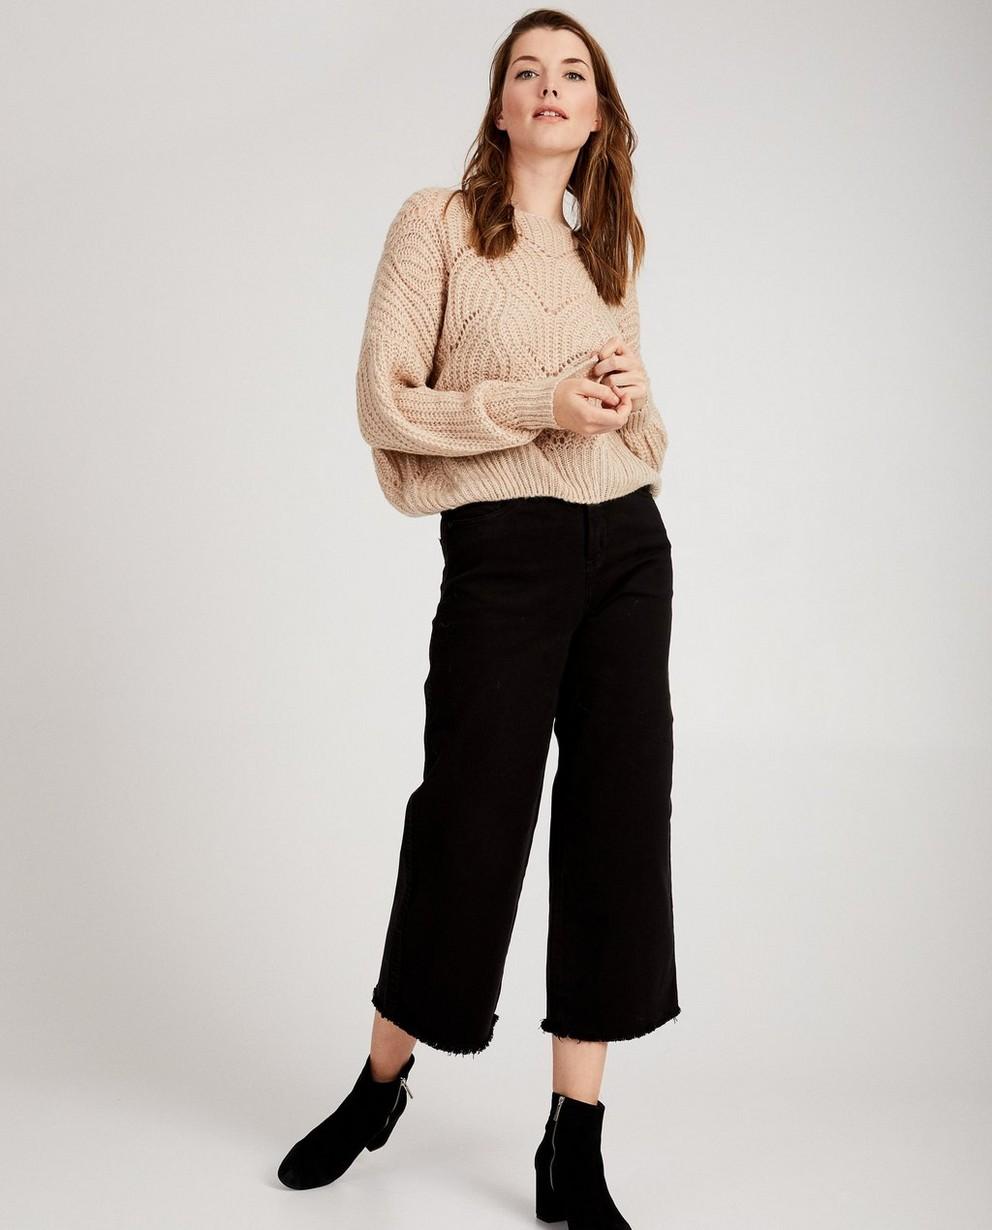 Zwarte brede jeans - Youh! - comfort - YOUH!